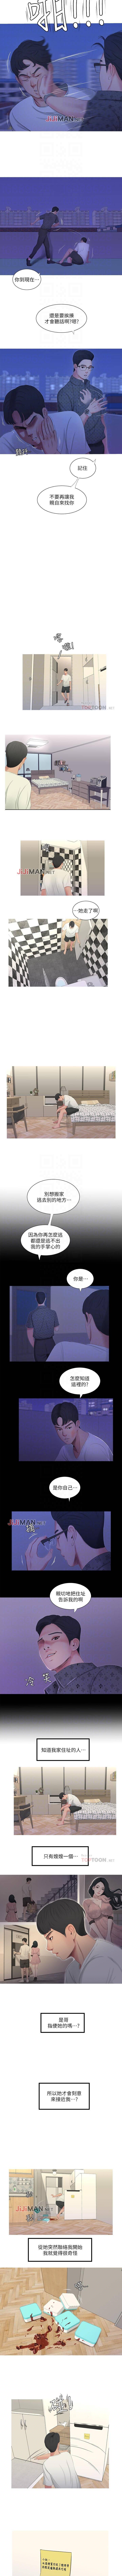 【周四连载】亲家四姐妹(作者:愛摸) 第1~31话 55